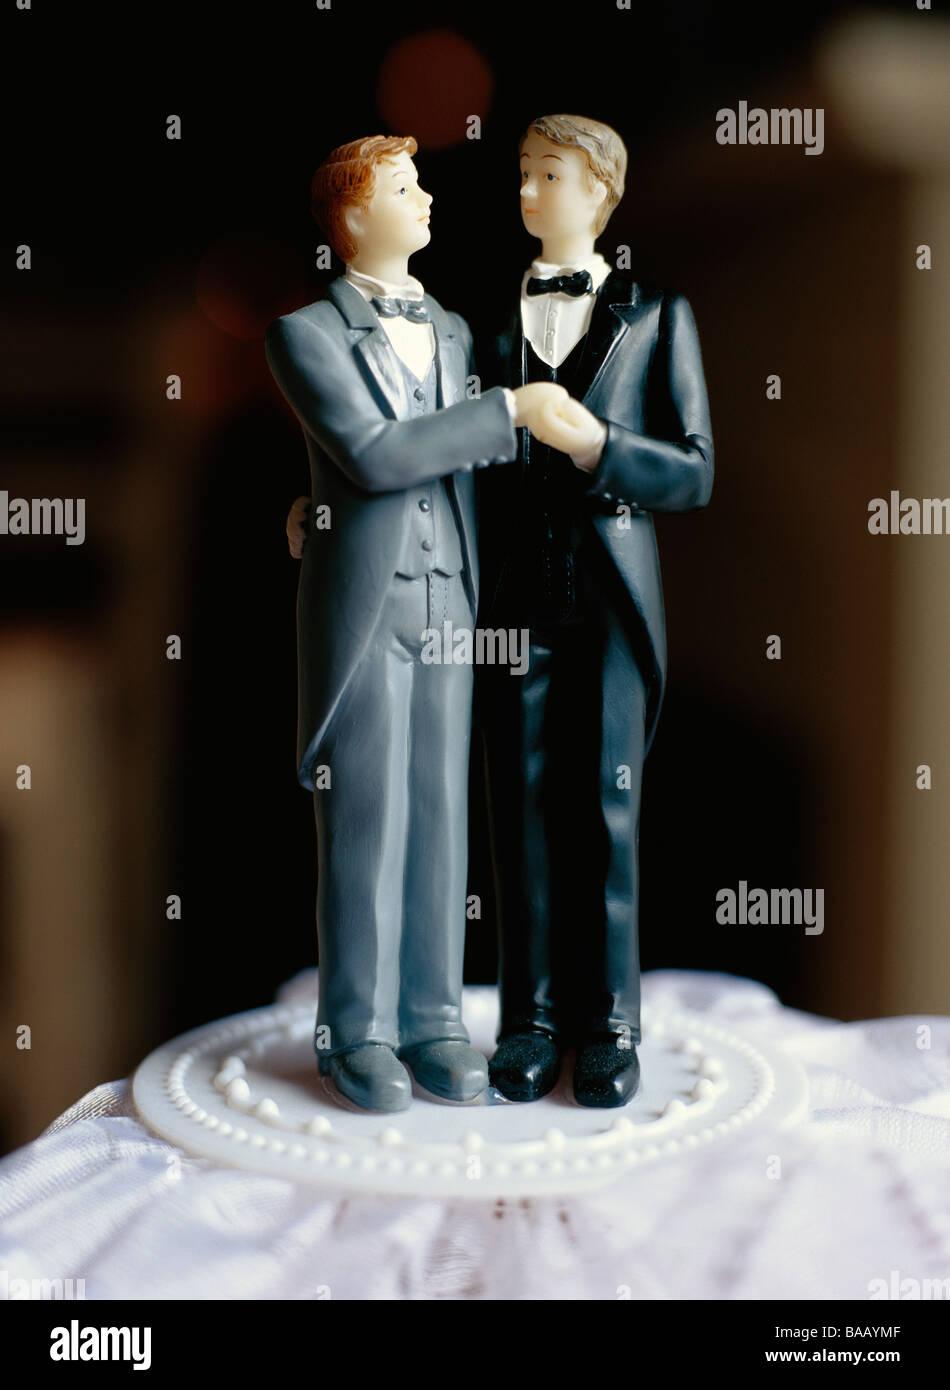 Una pareja nupcial gay en un pastel, Suecia. Imagen De Stock